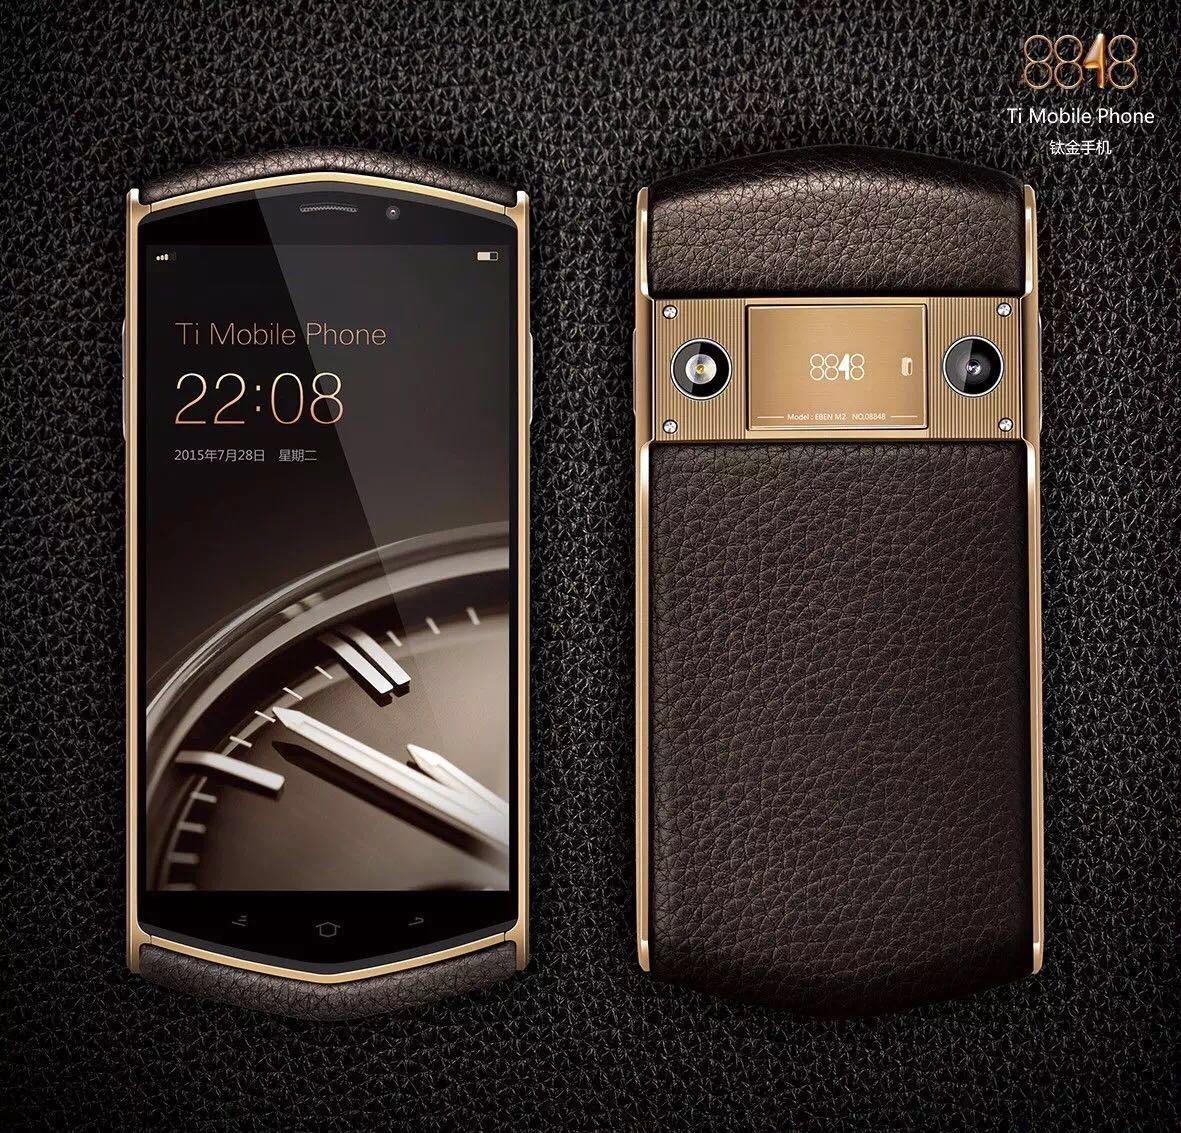 8848钛金手机后盖壳 M2原装保护套 M3手机皮套后盖8848换皮保护壳